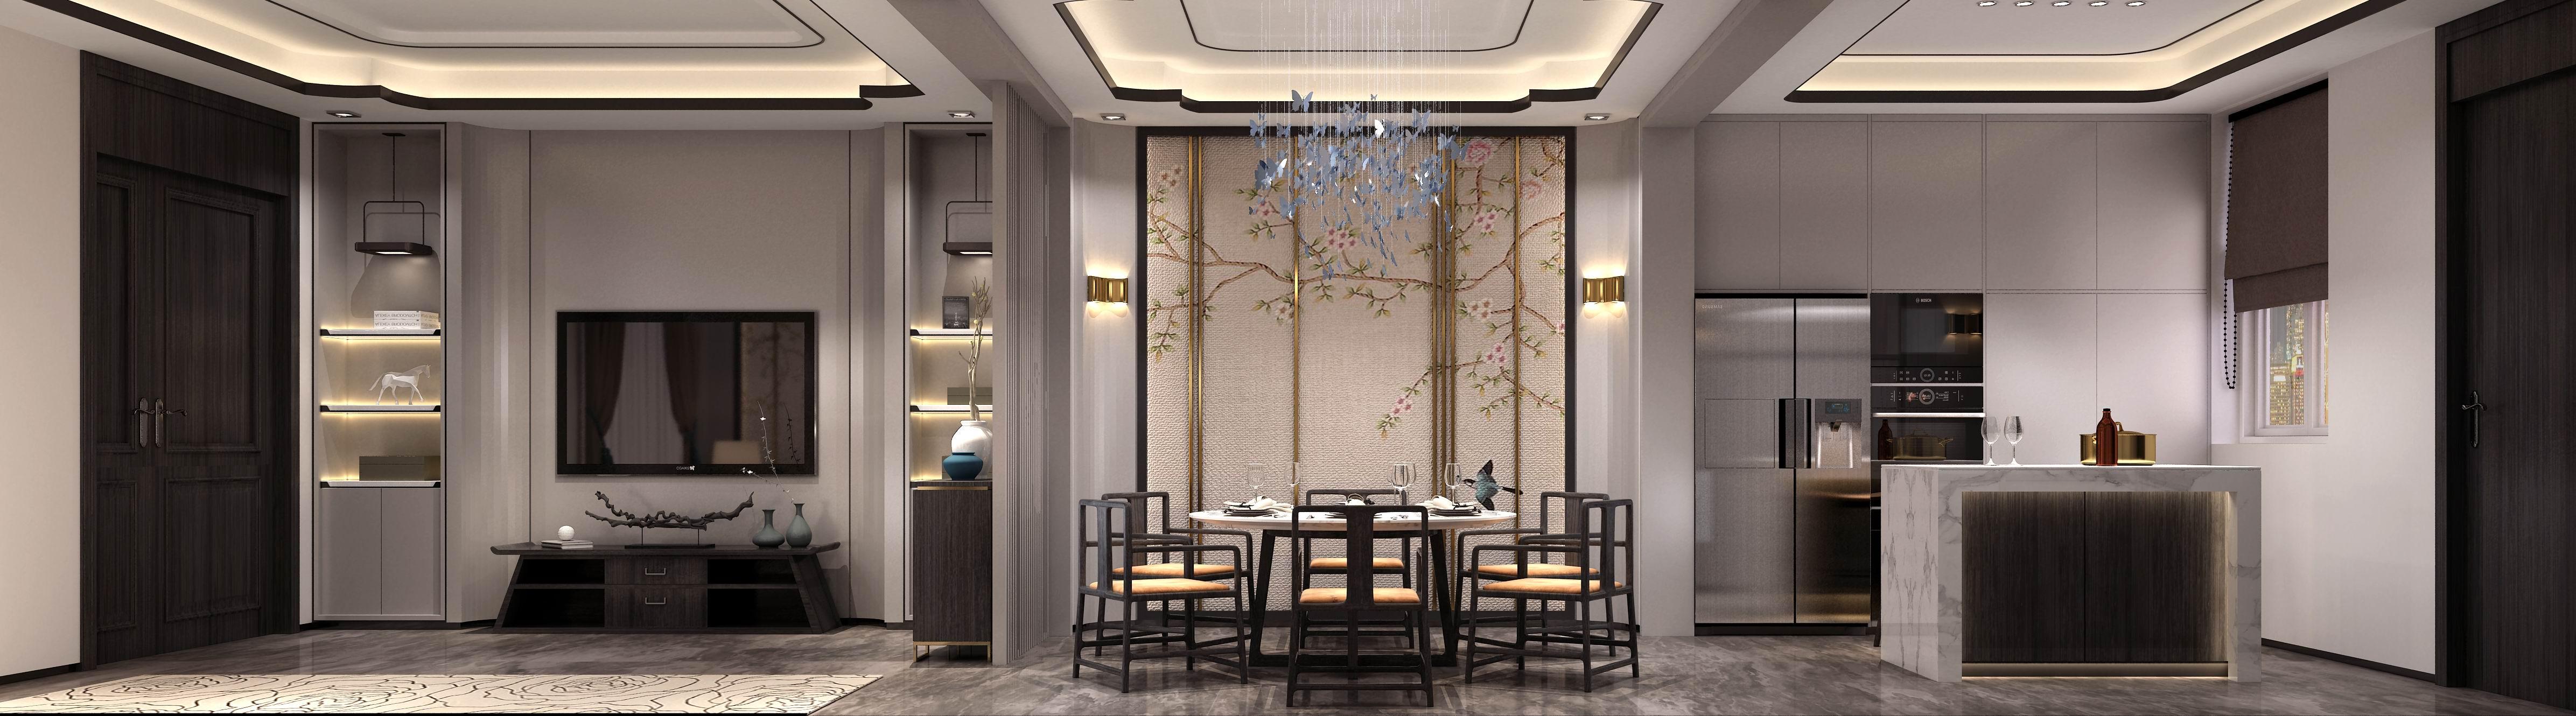 别墅 设计 装修 案例 现代风格 地下室图片来自无锡别墅设计s在蠡湖院子下叠310㎡现代风格案例的分享